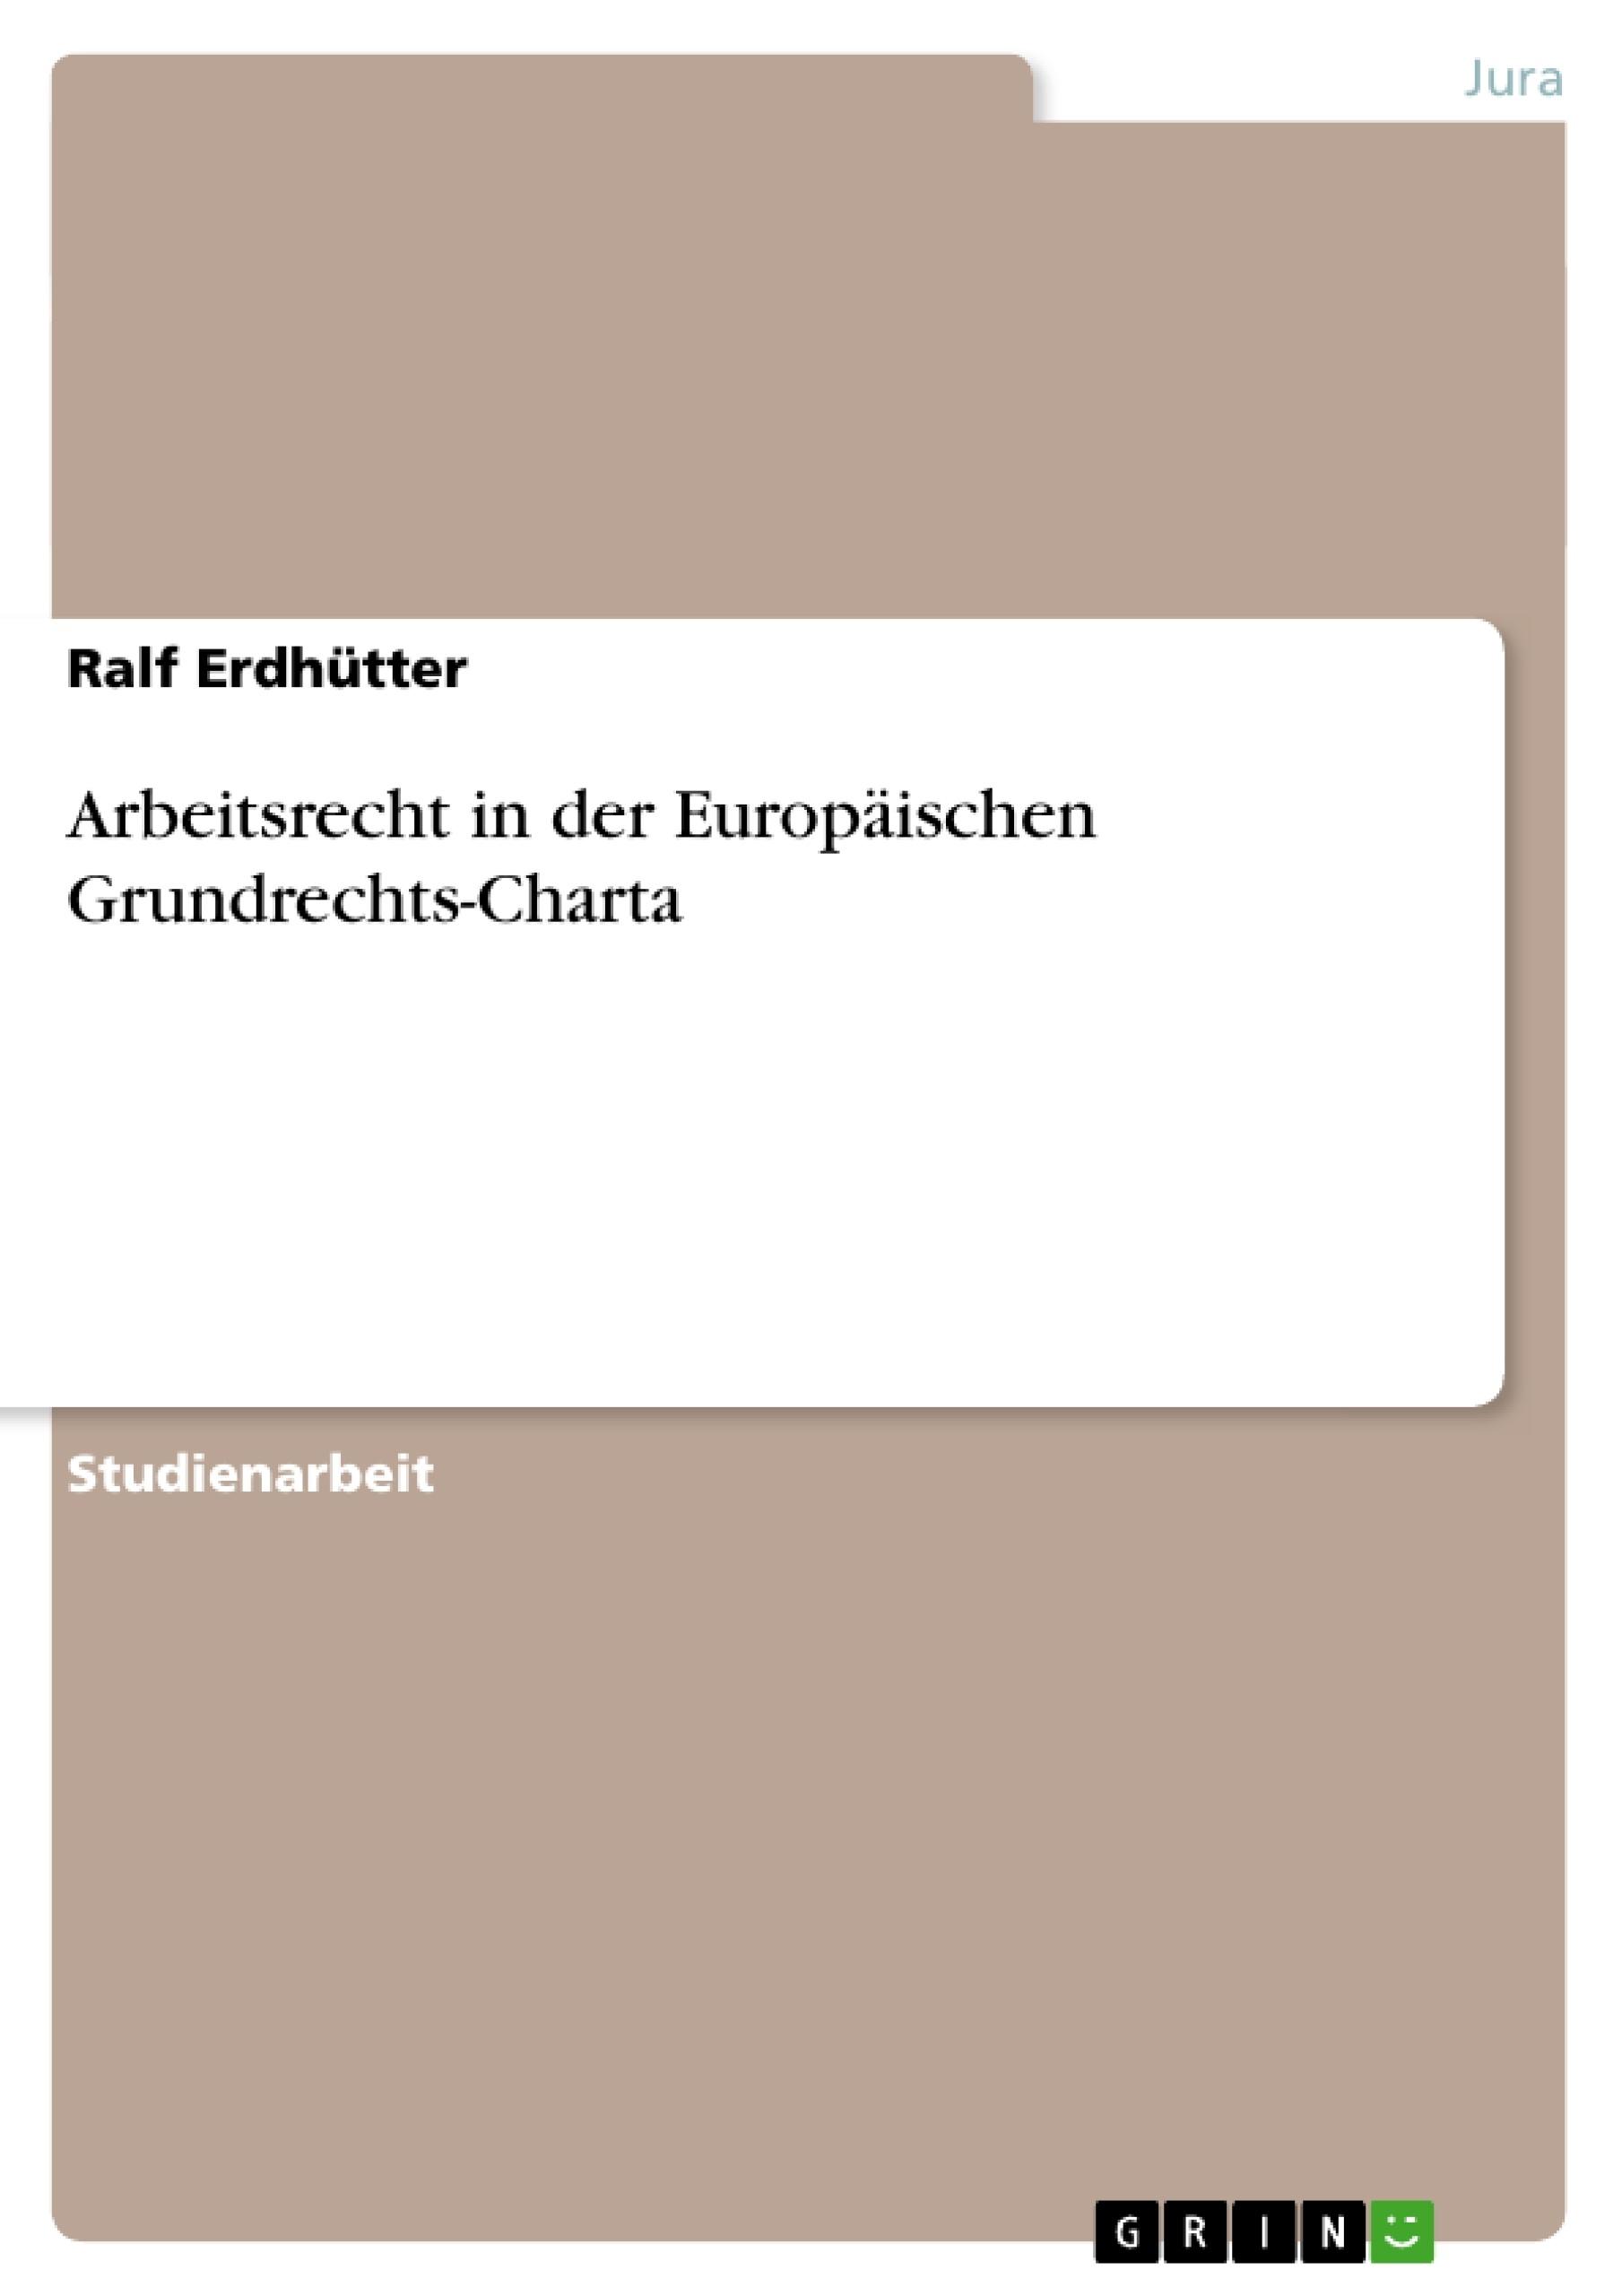 Titel: Arbeitsrecht in der Europäischen Grundrechts-Charta